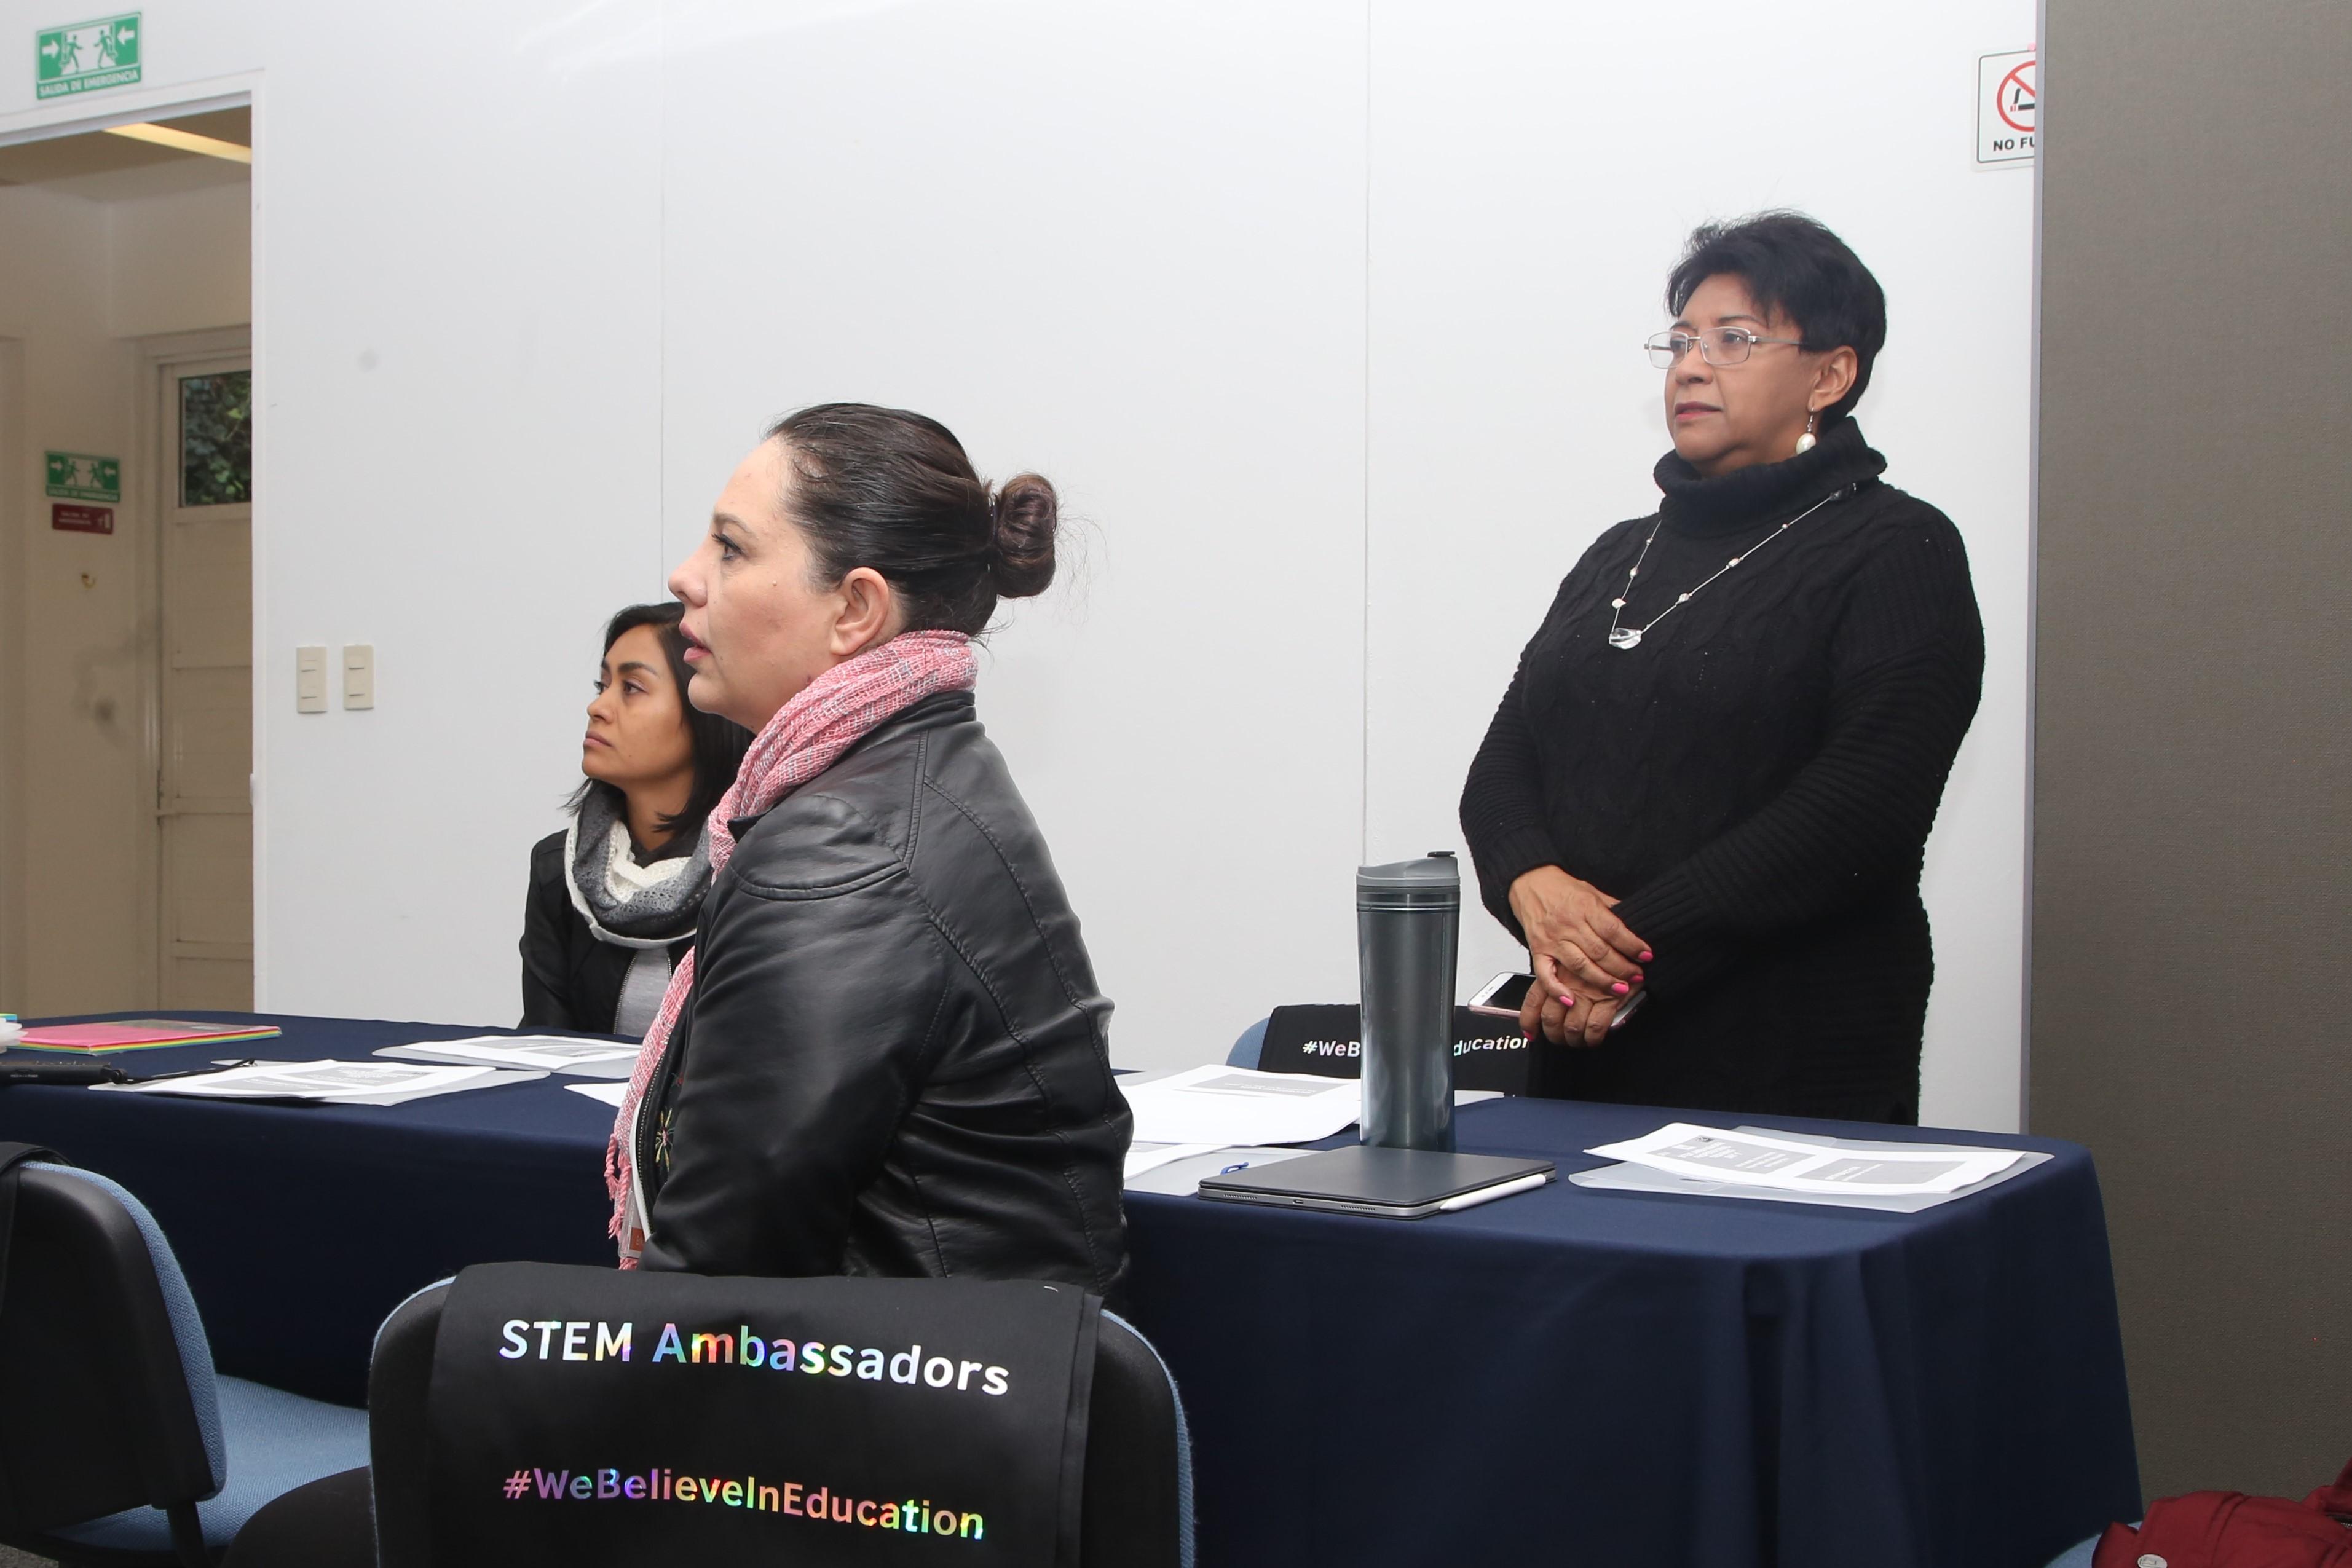 Luego de un proceso largo, los participantes que cumplan con todos los requisitos y aprueben las evaluaciones obtendrán una certificación en STEM education por parte del British Council México y la Academia Mexicana de Ciencias.